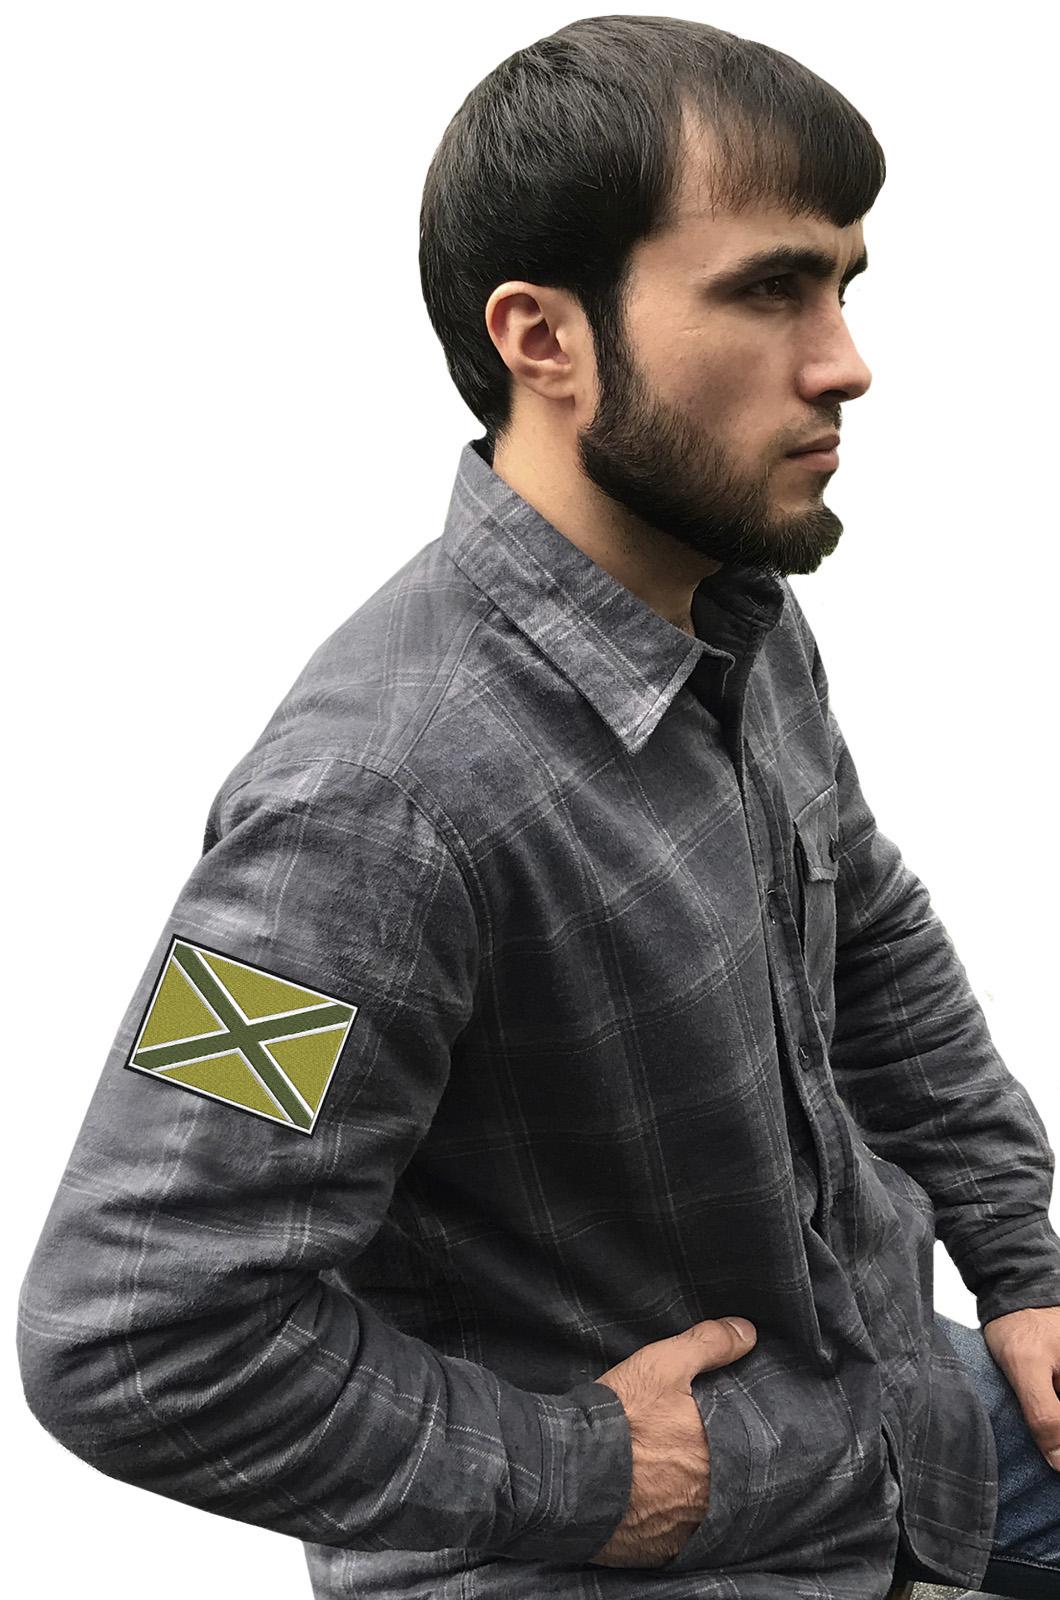 Стильная клетчатая рубашка с вышитым полевым шевроном Новороссия - купить в Военпро